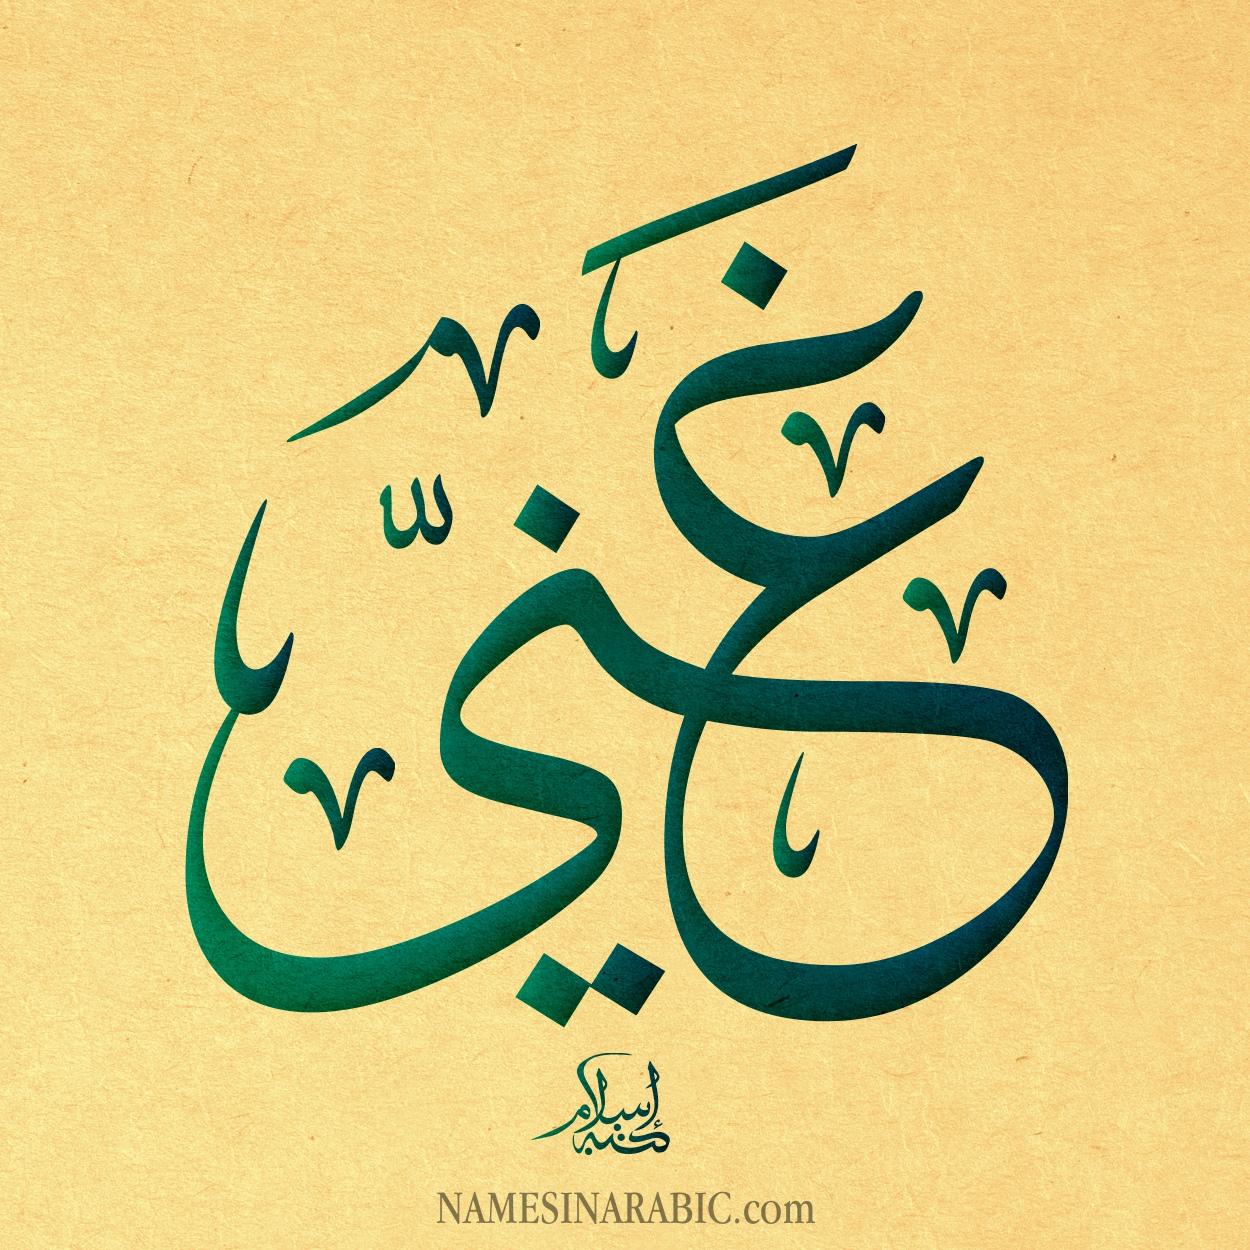 صورة اسم غِنَى Ghenaa اسم غِنَى بالخط العربي من موقع الأسماء بالخط العربي بريشة الفنان إسلام ابن الفضل